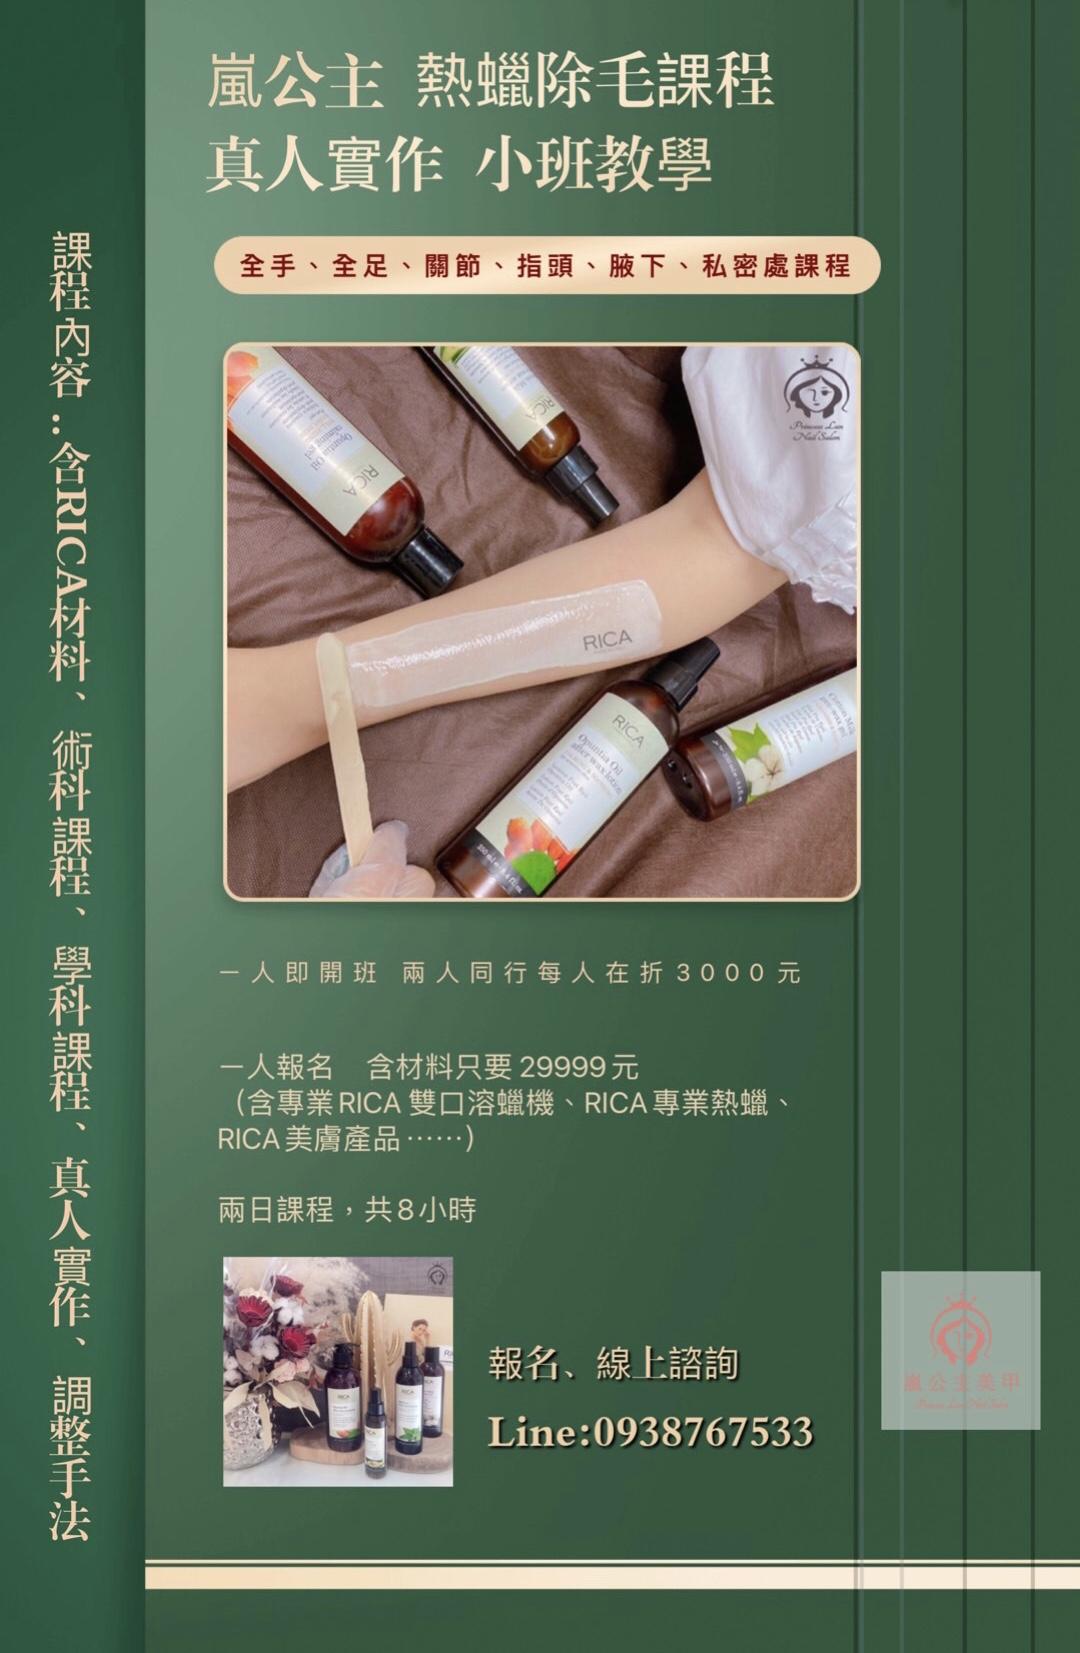 高雄嵐公主美甲 RICA熱蠟除毛 全修課程含材料29999元 兩人同行一人折3000元